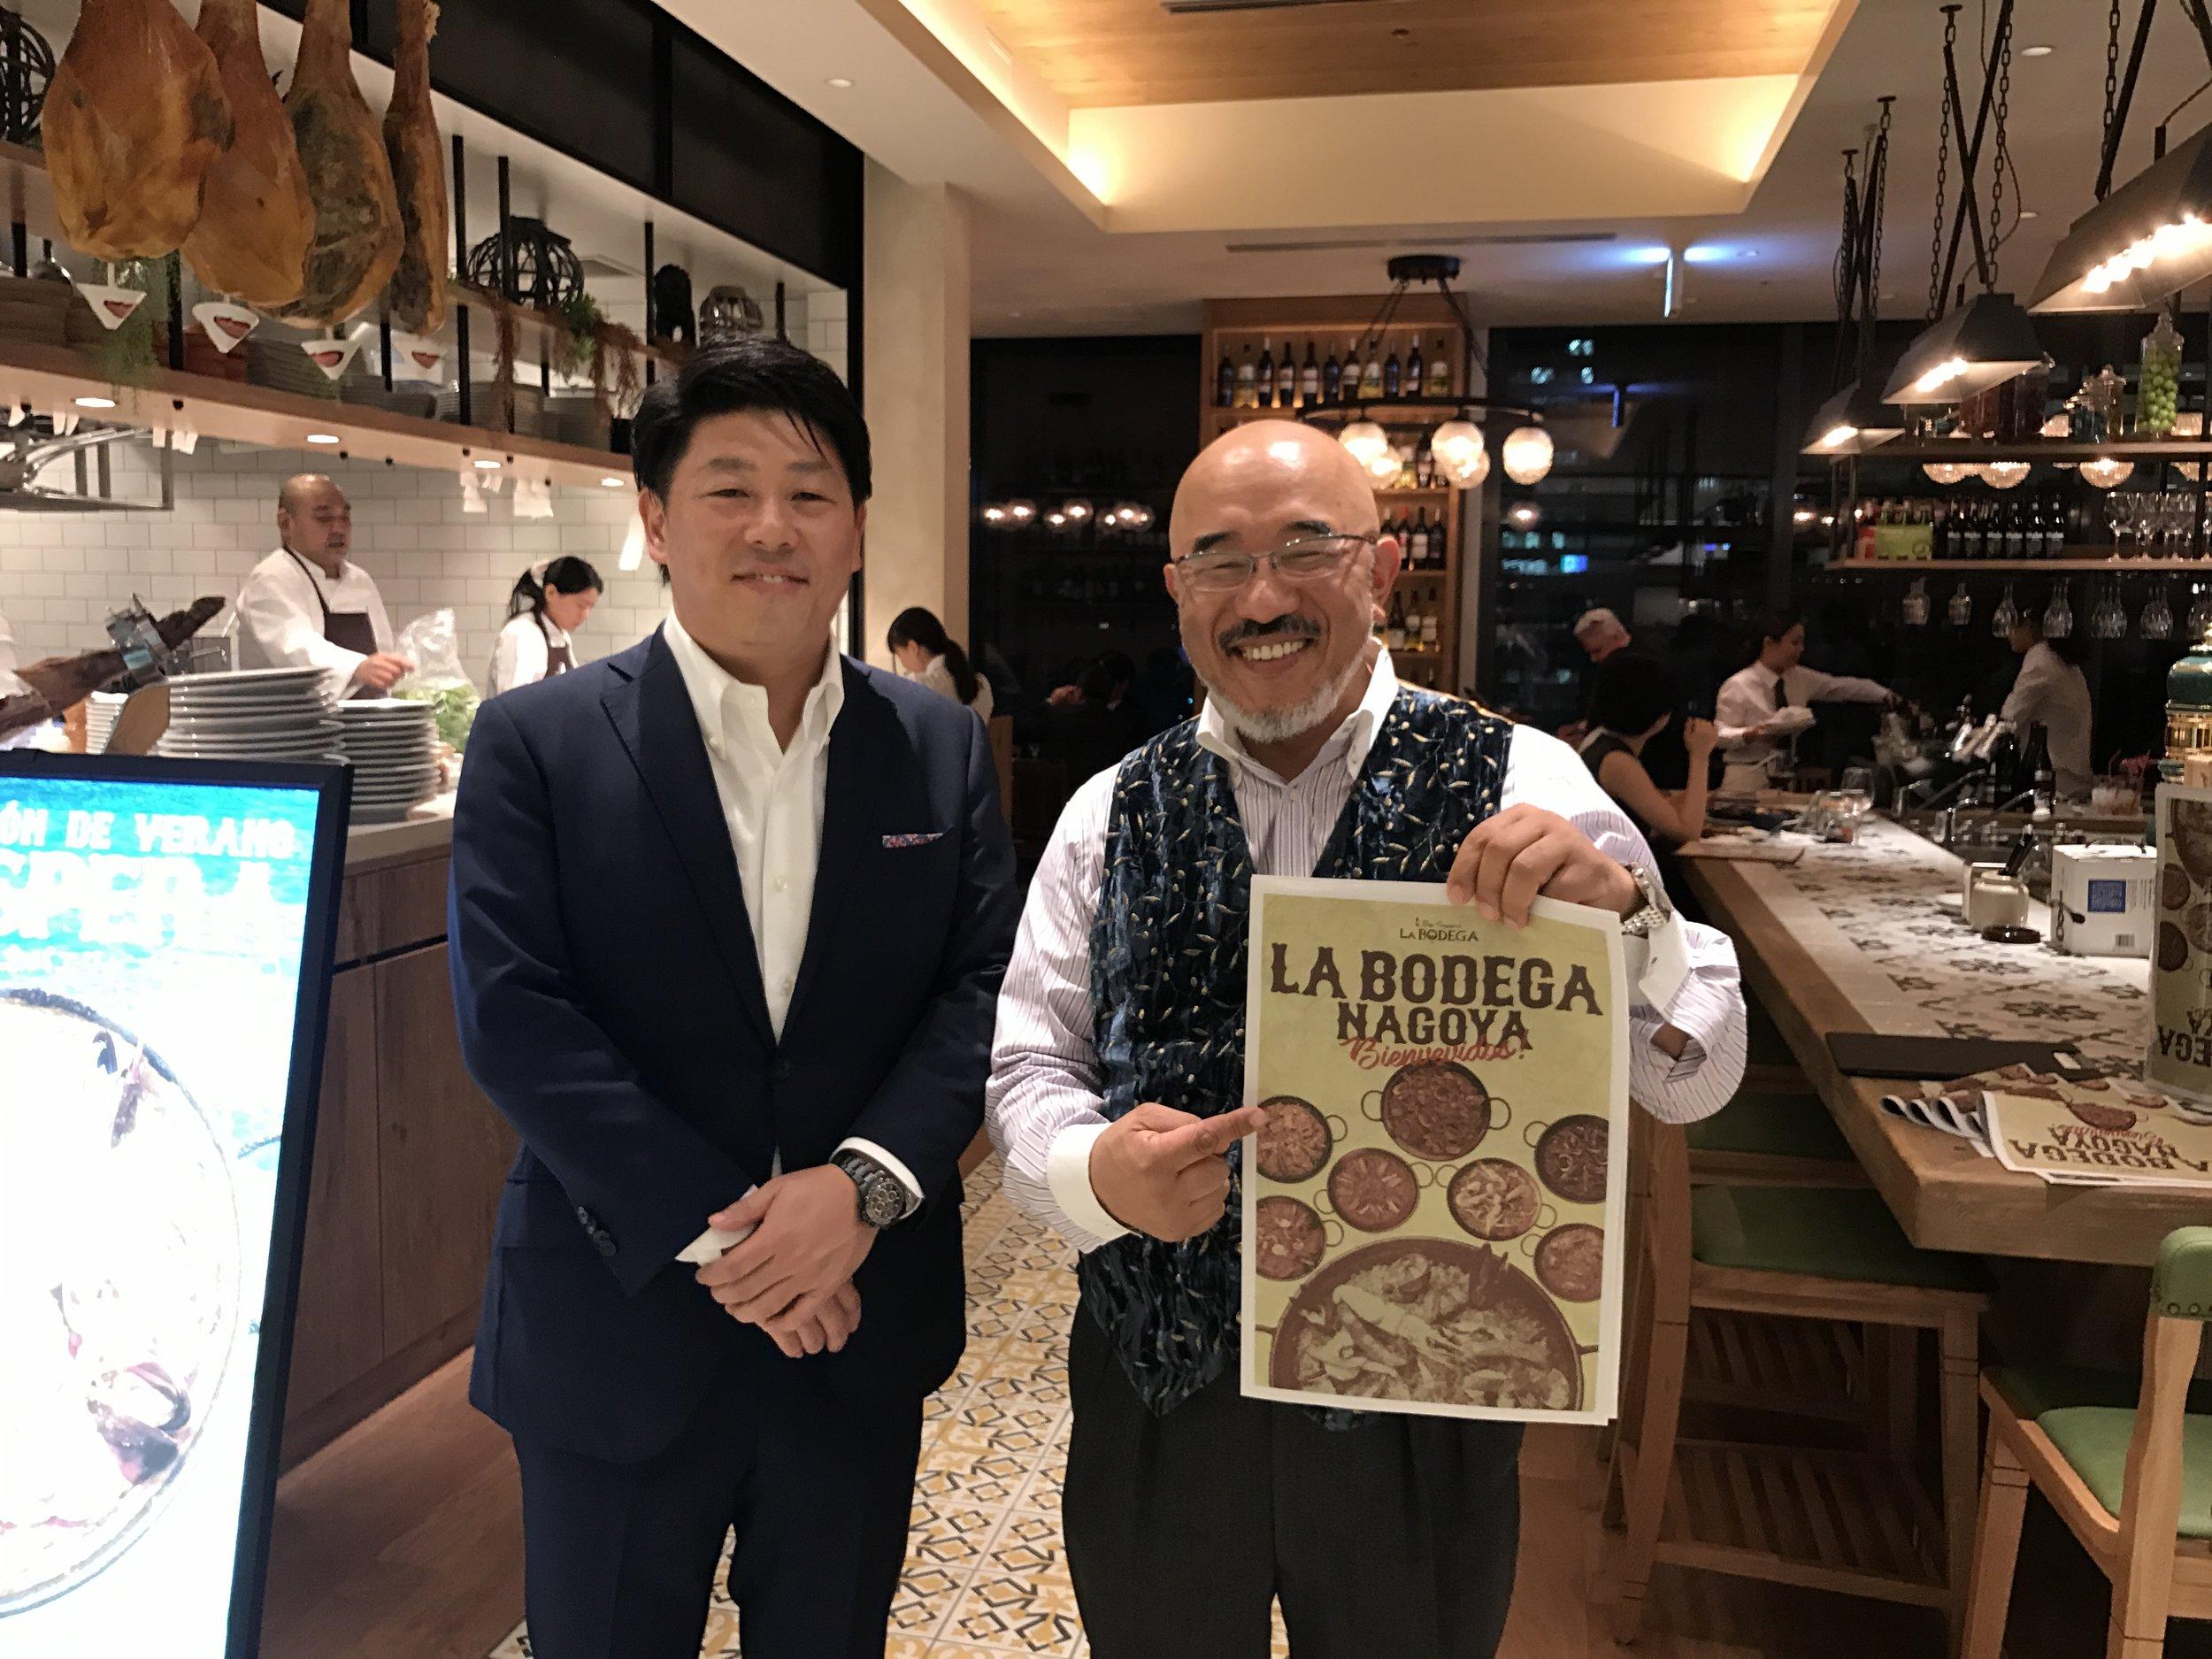 アキナイ社長 開店おめでとうございます!